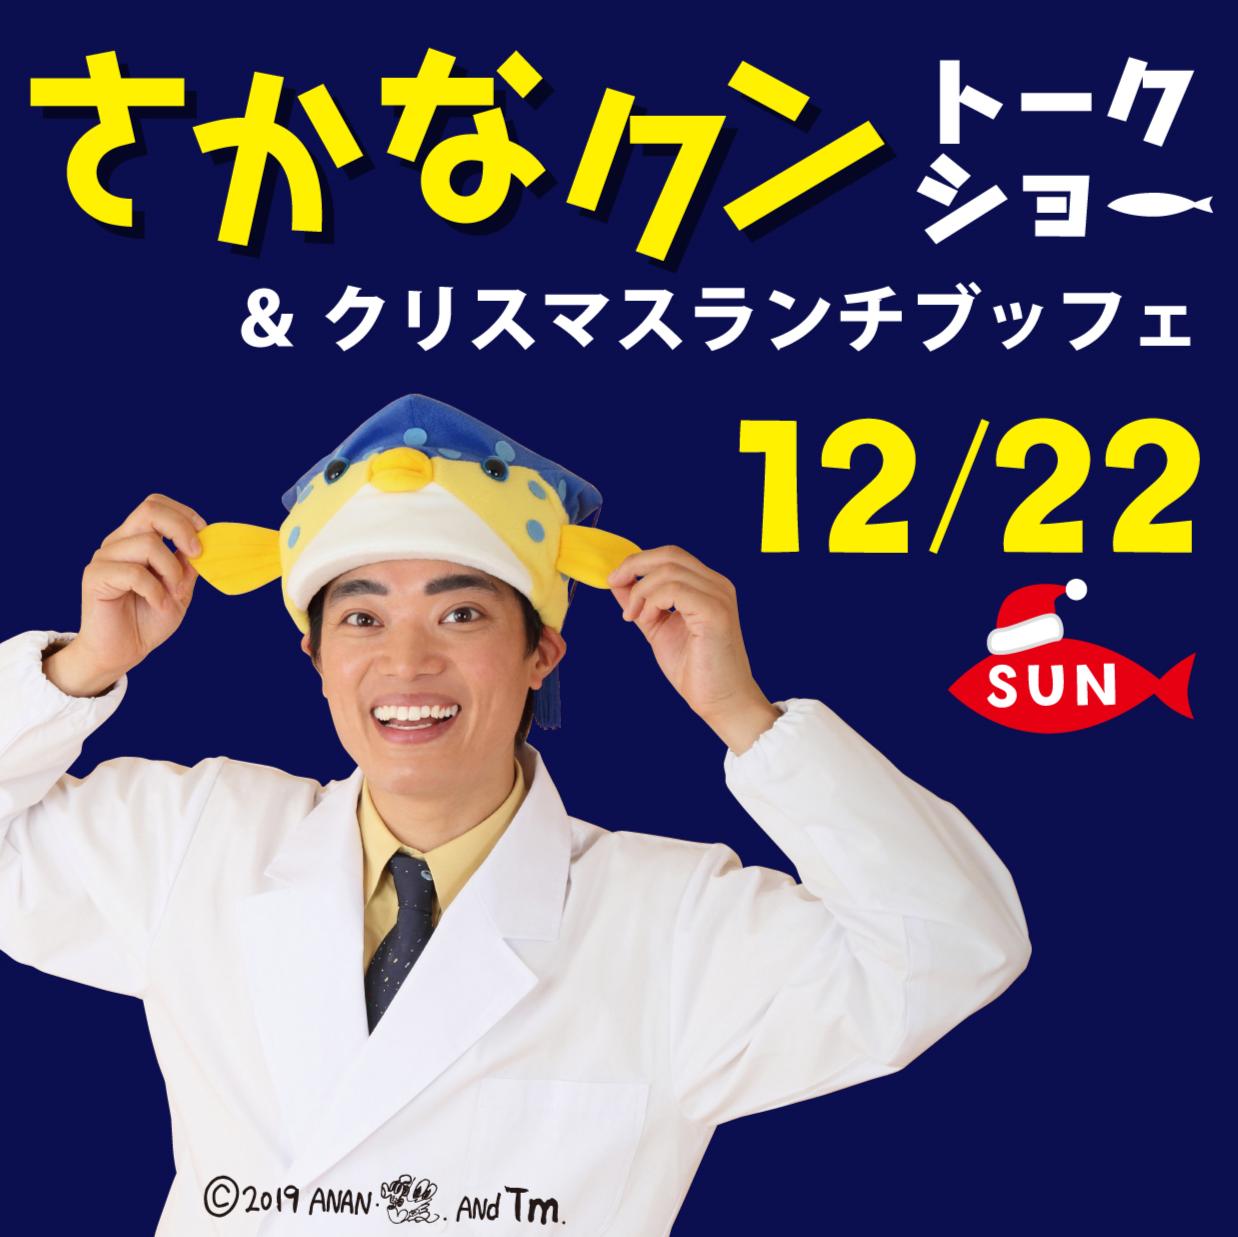 【イベント】12/22(日)さかなクントークショー&クリスマスランチブッフェ